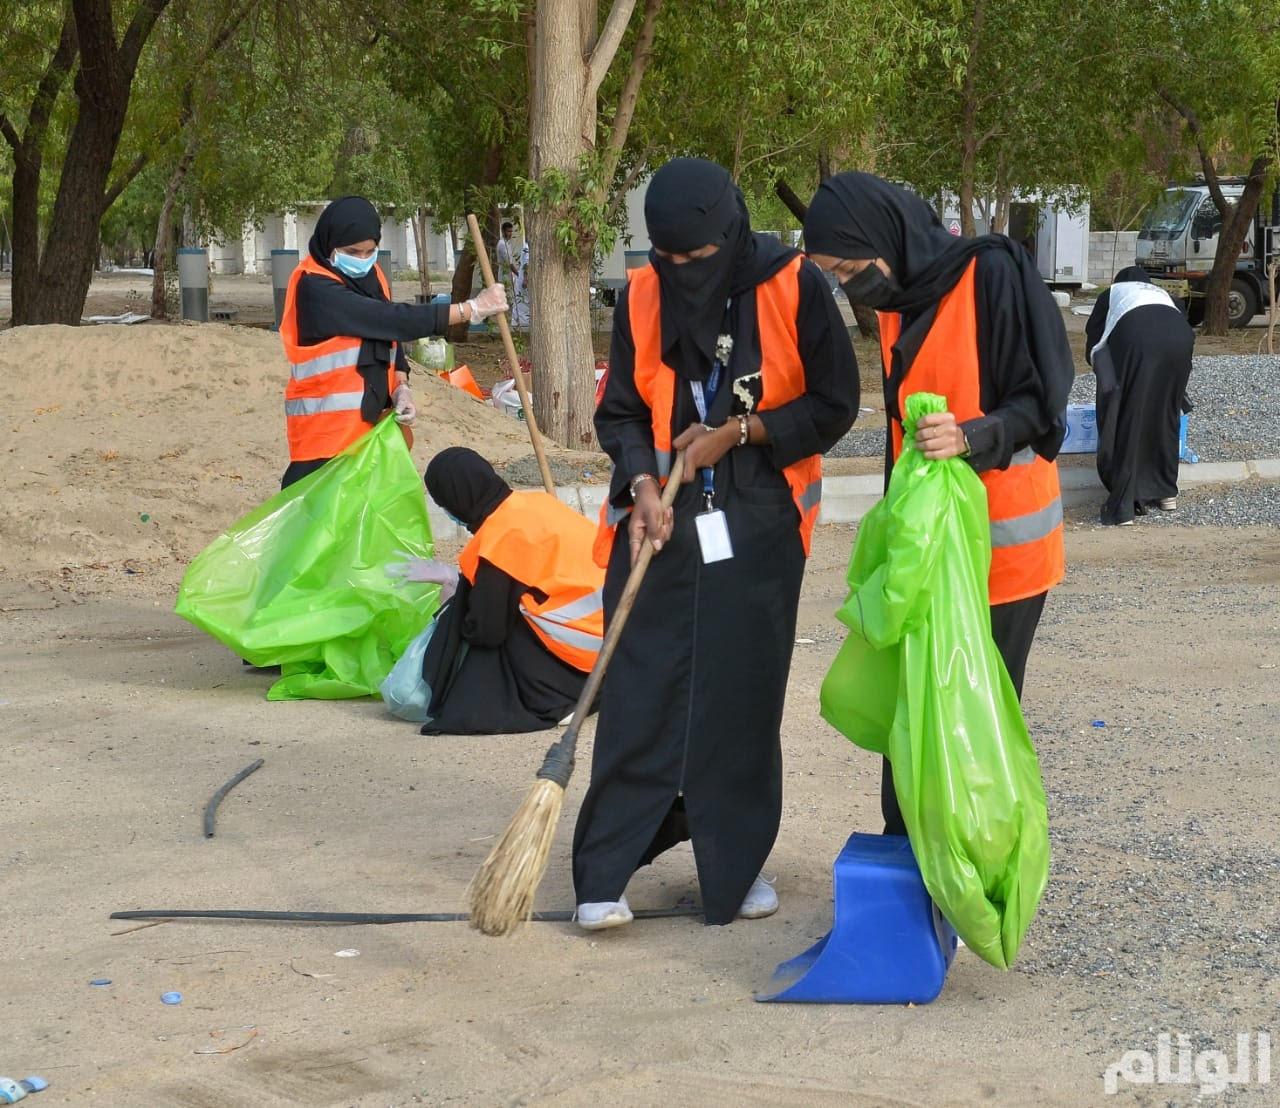 بالصور: ١٥٠ شاب وفتاة في مبادرة تطوعية لتنظيف مشعر عرفات